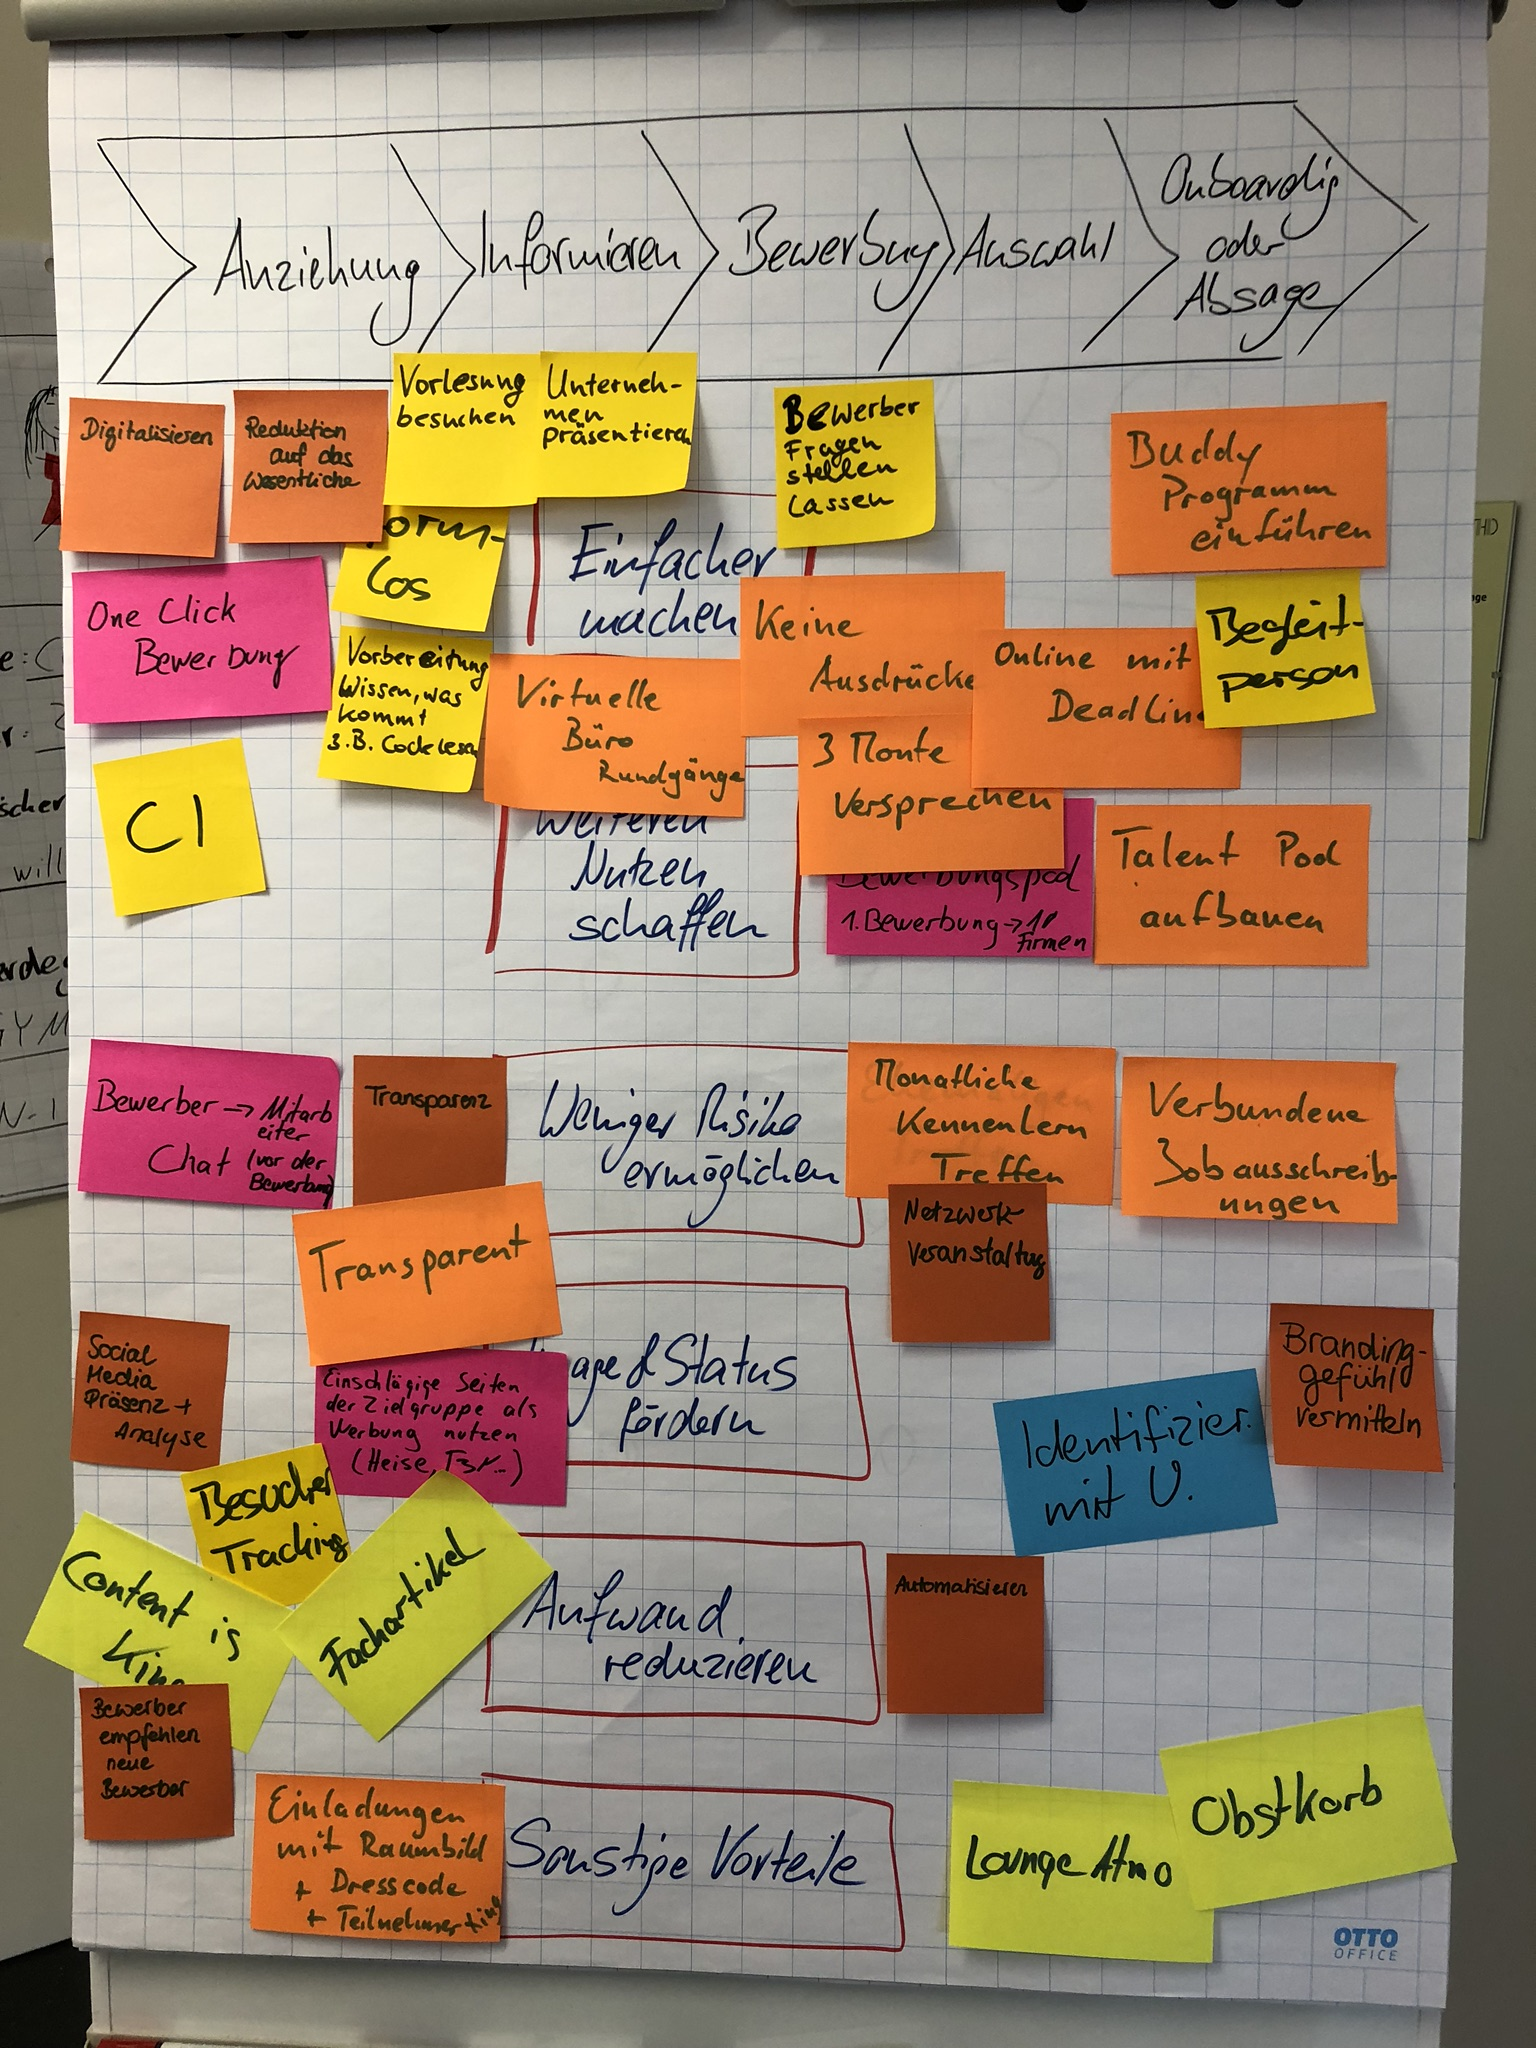 IT-Profis und Visualisierung: Sag's in Bildern - Klebezettel helfen bei der Entwicklung eines Projekts. (Bild: Markus Kammermeier)